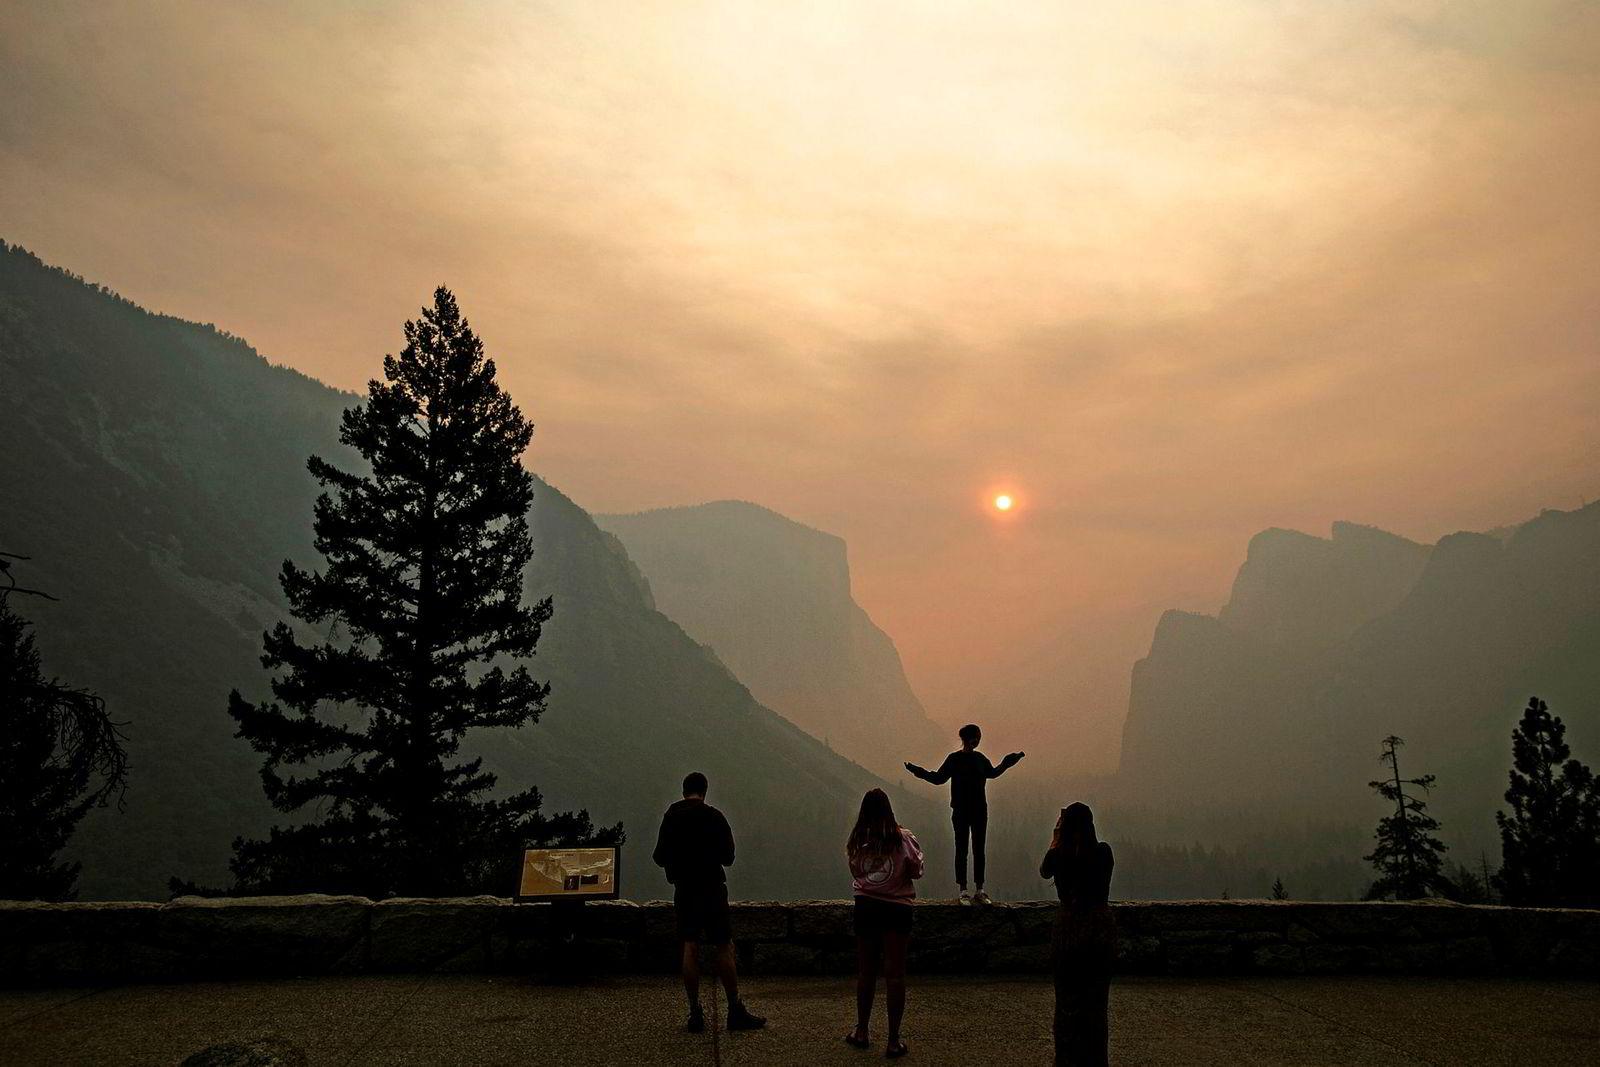 Hannah Wyatt ser utover den røyklagte nasjonalparken Yosemite fra det mest berømte utkikkspunktet. Parken har måttet nekte turgåere adgang grunnet Ferguson-brannen som herjer i dalen. Landskapet er fylt med så mye røyk at luftkvaliteten i Yosemite nå er dårligere enn i Beijing.